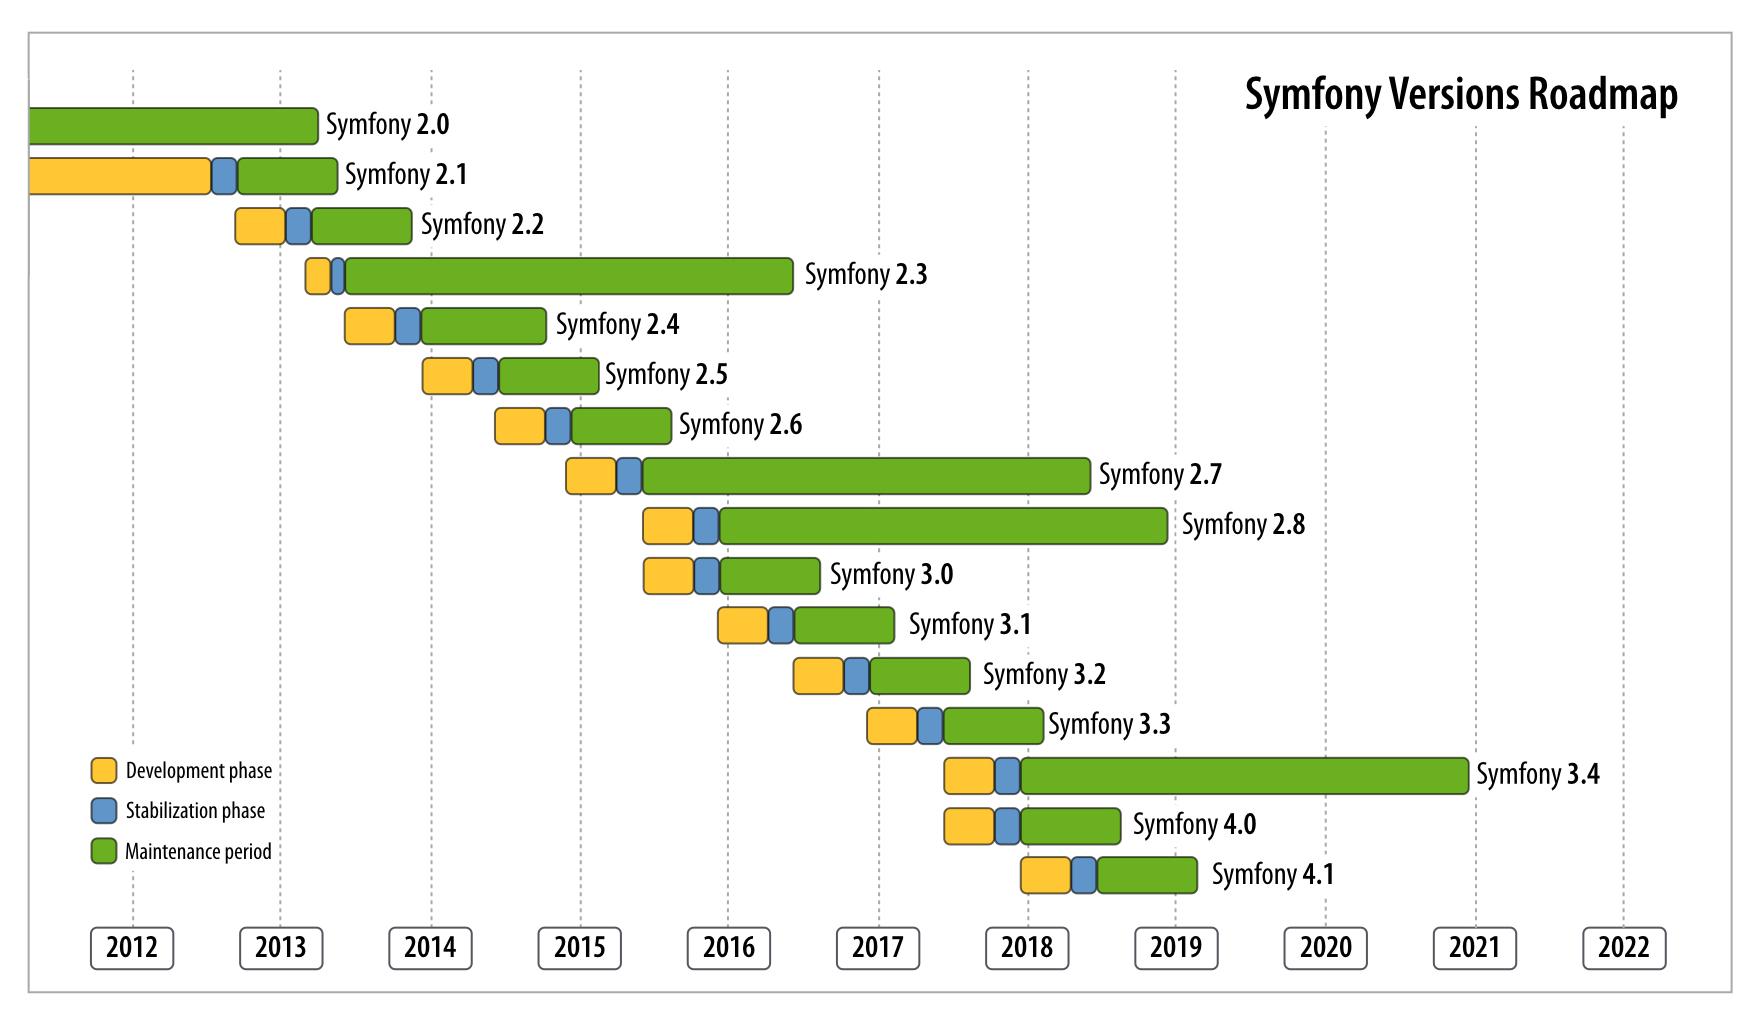 symfony 2.7